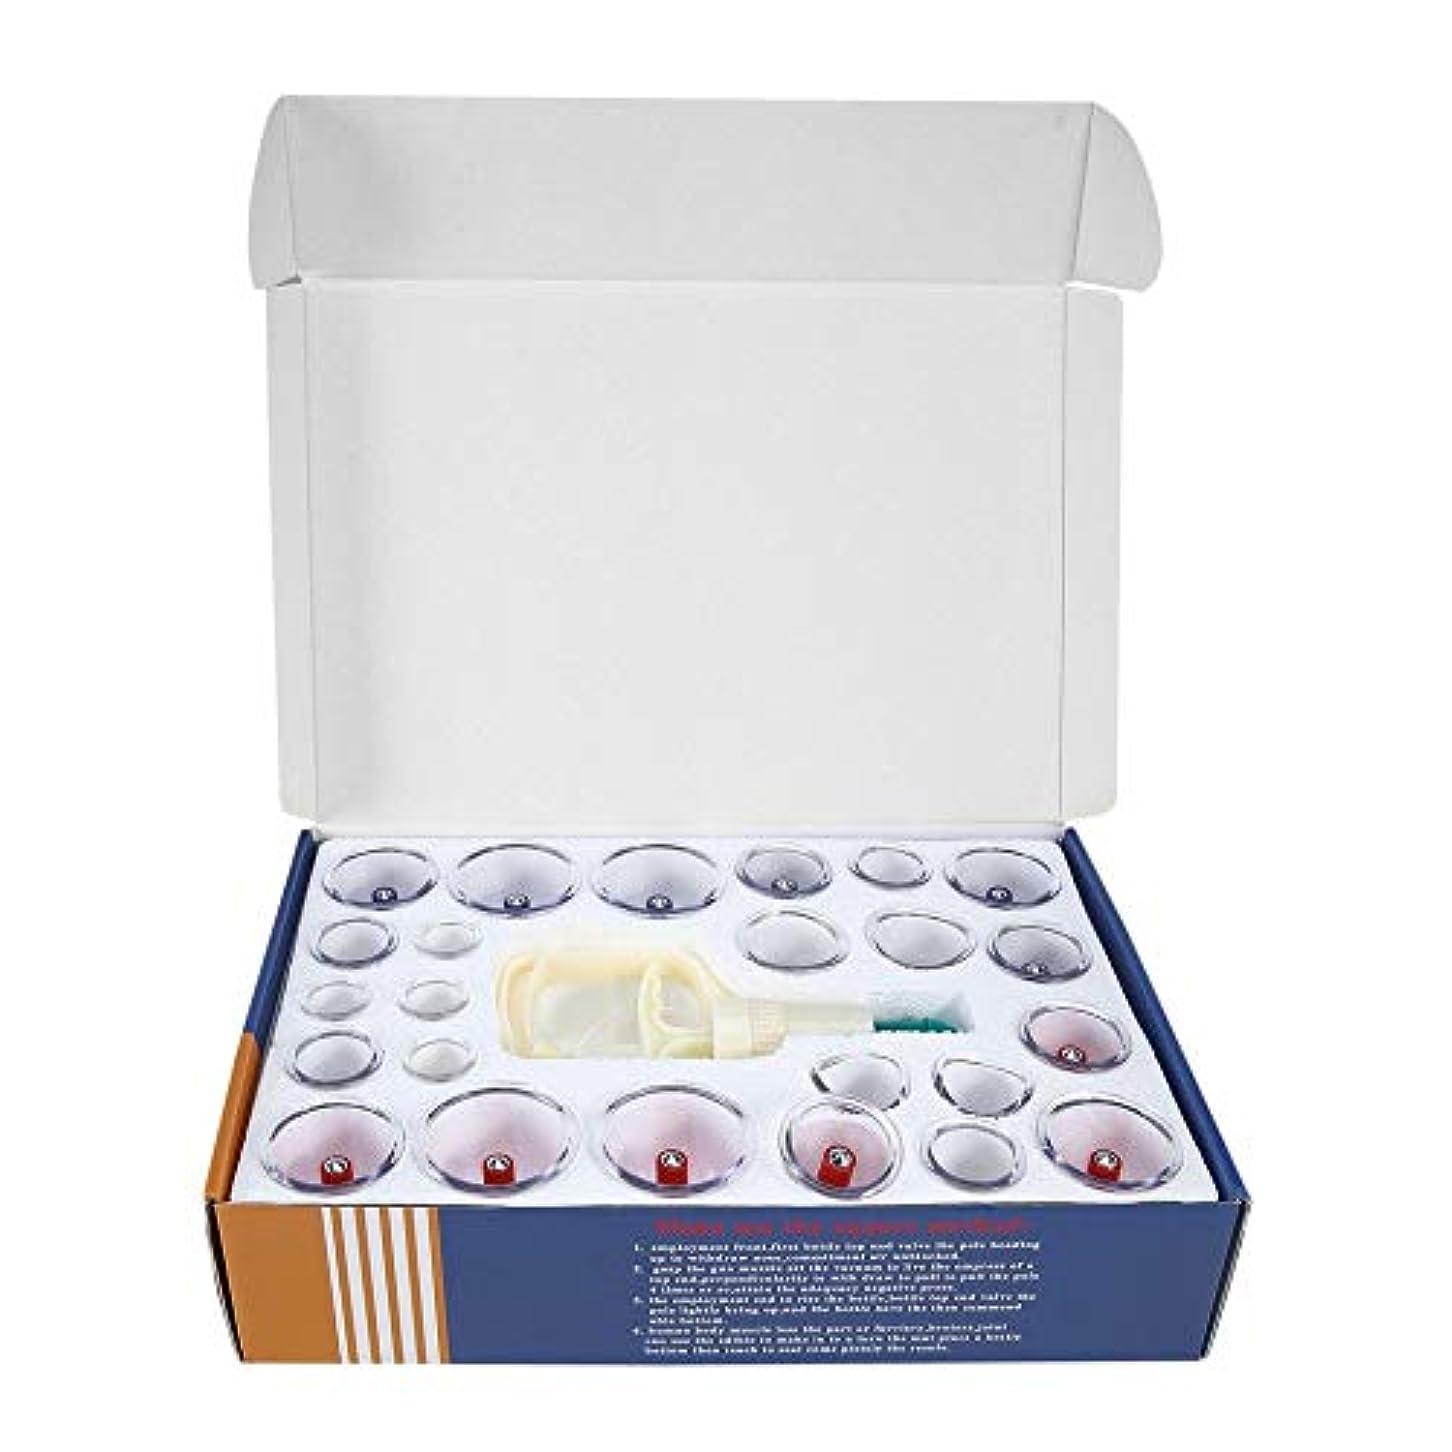 感心する空港何でも中国のヘルスケア医療真空ボディカッピングセット24ピースマッサージ缶カップバイオマグネティックマッサージ療法ボディリラクゼーションキット(Color:clear)